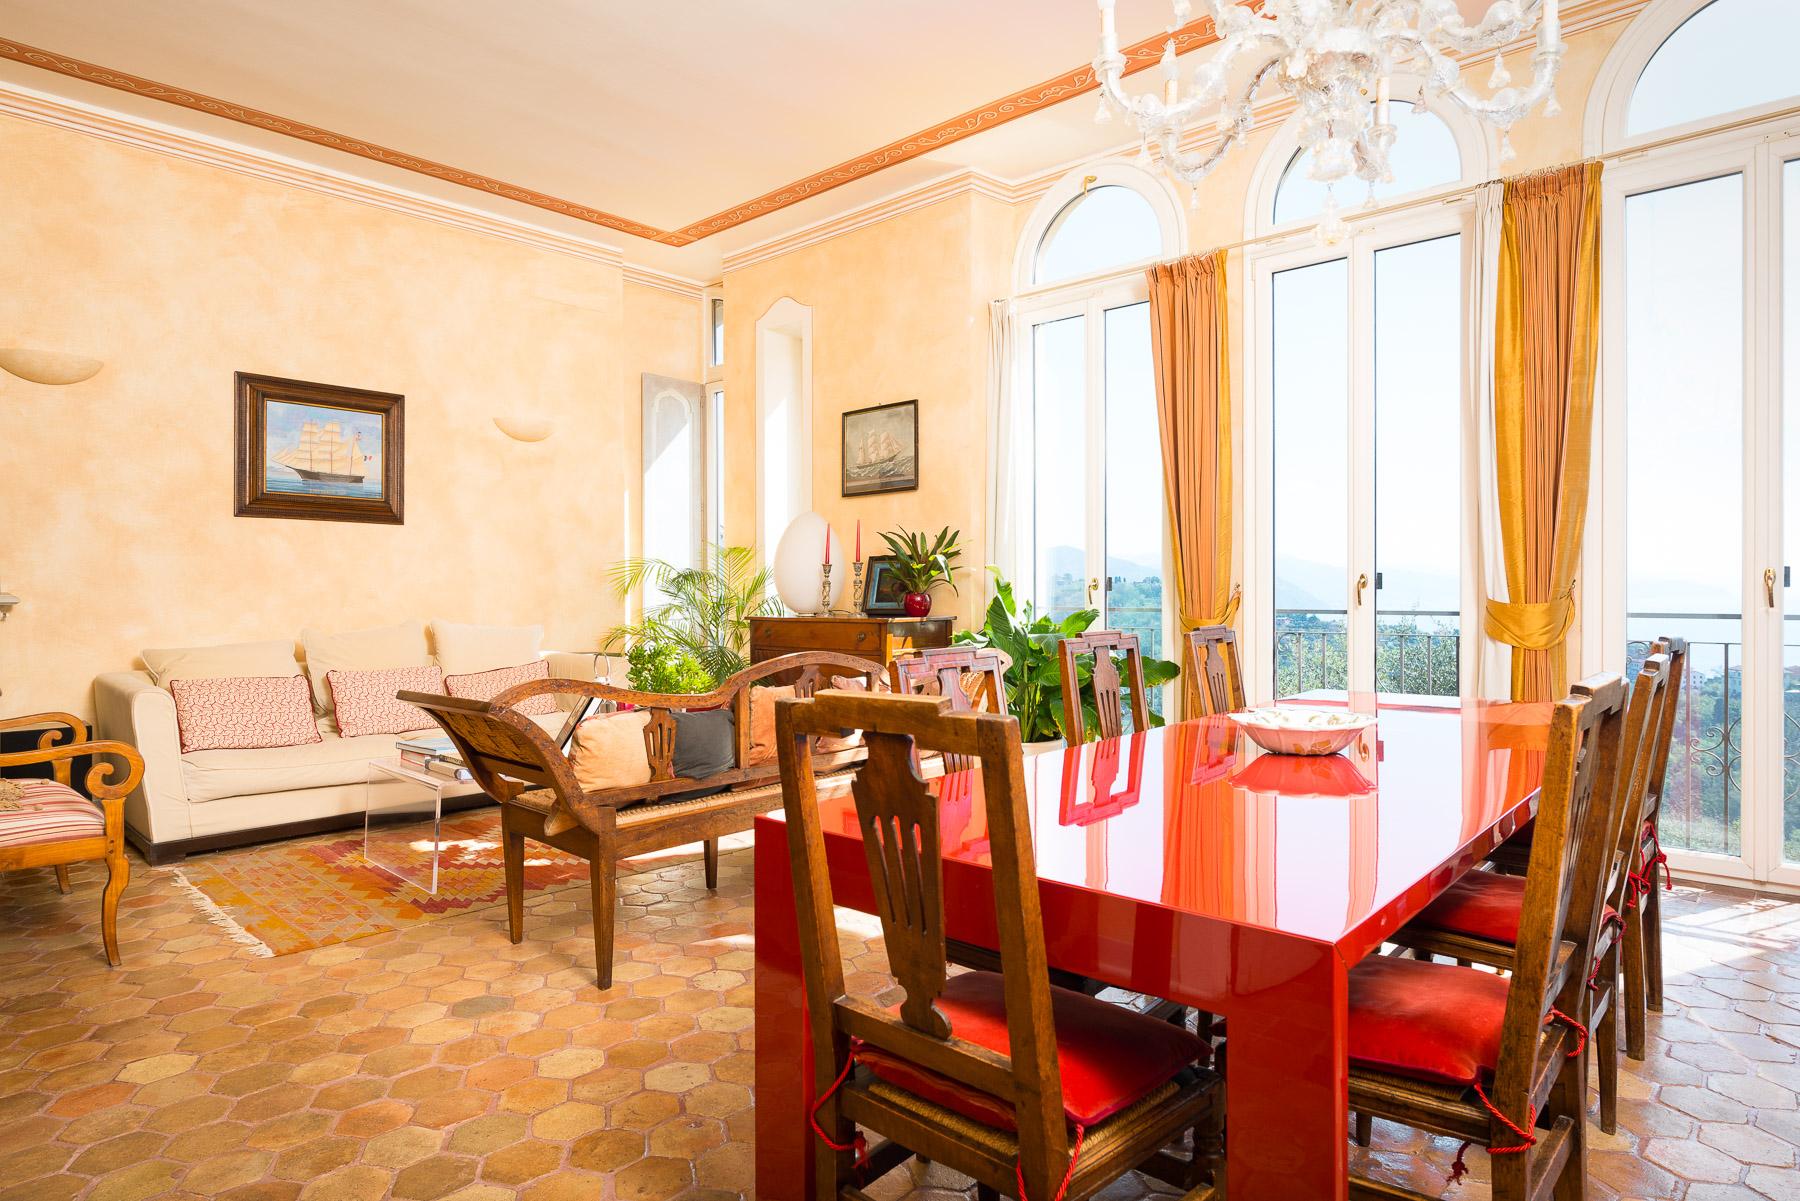 Casa indipendente in Vendita a Santa Margherita Ligure: 5 locali, 260 mq - Foto 3